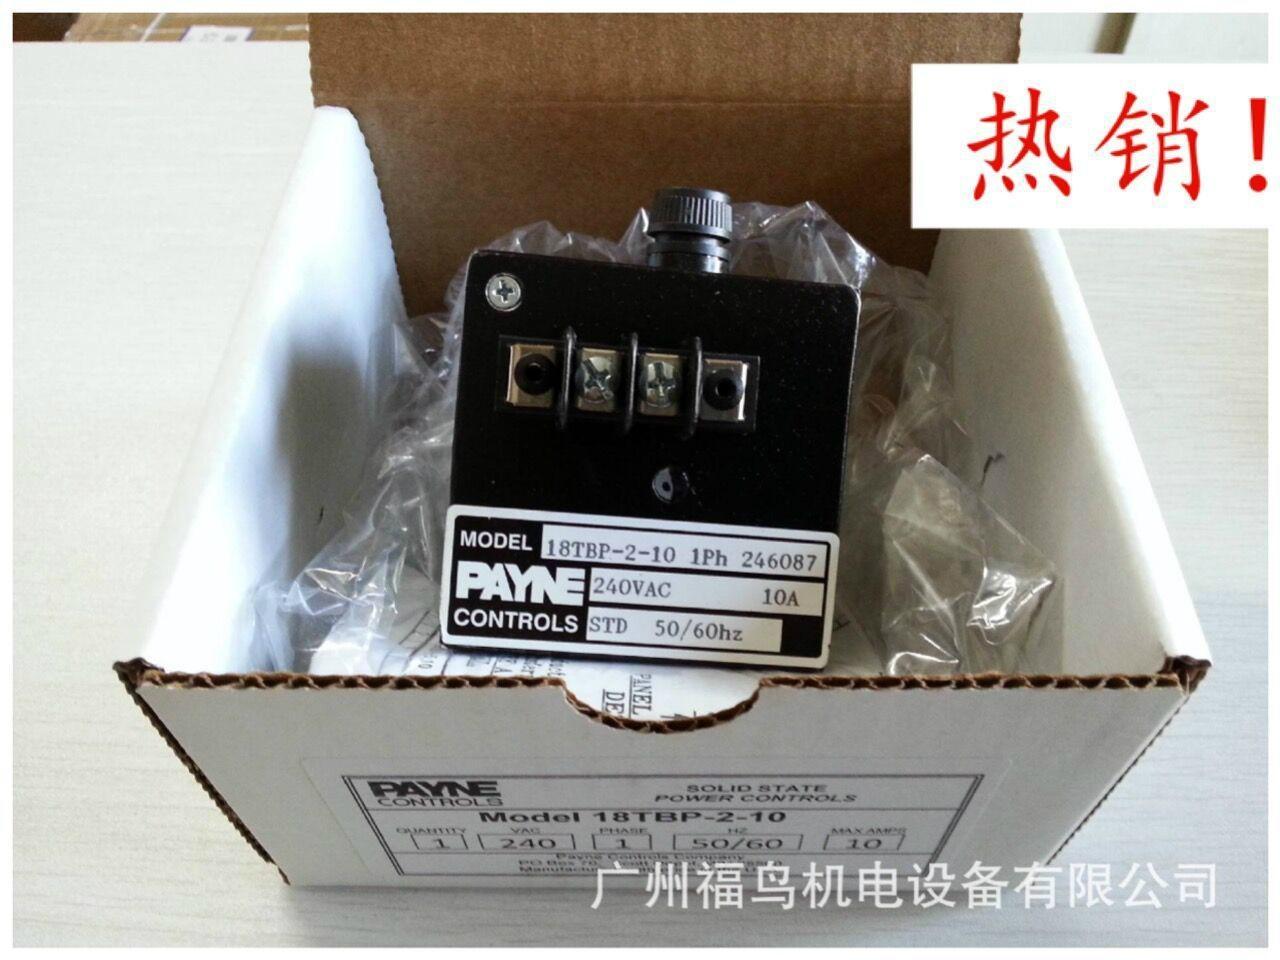 PAYNE調壓變壓器, 型號: 18TBP-2-10